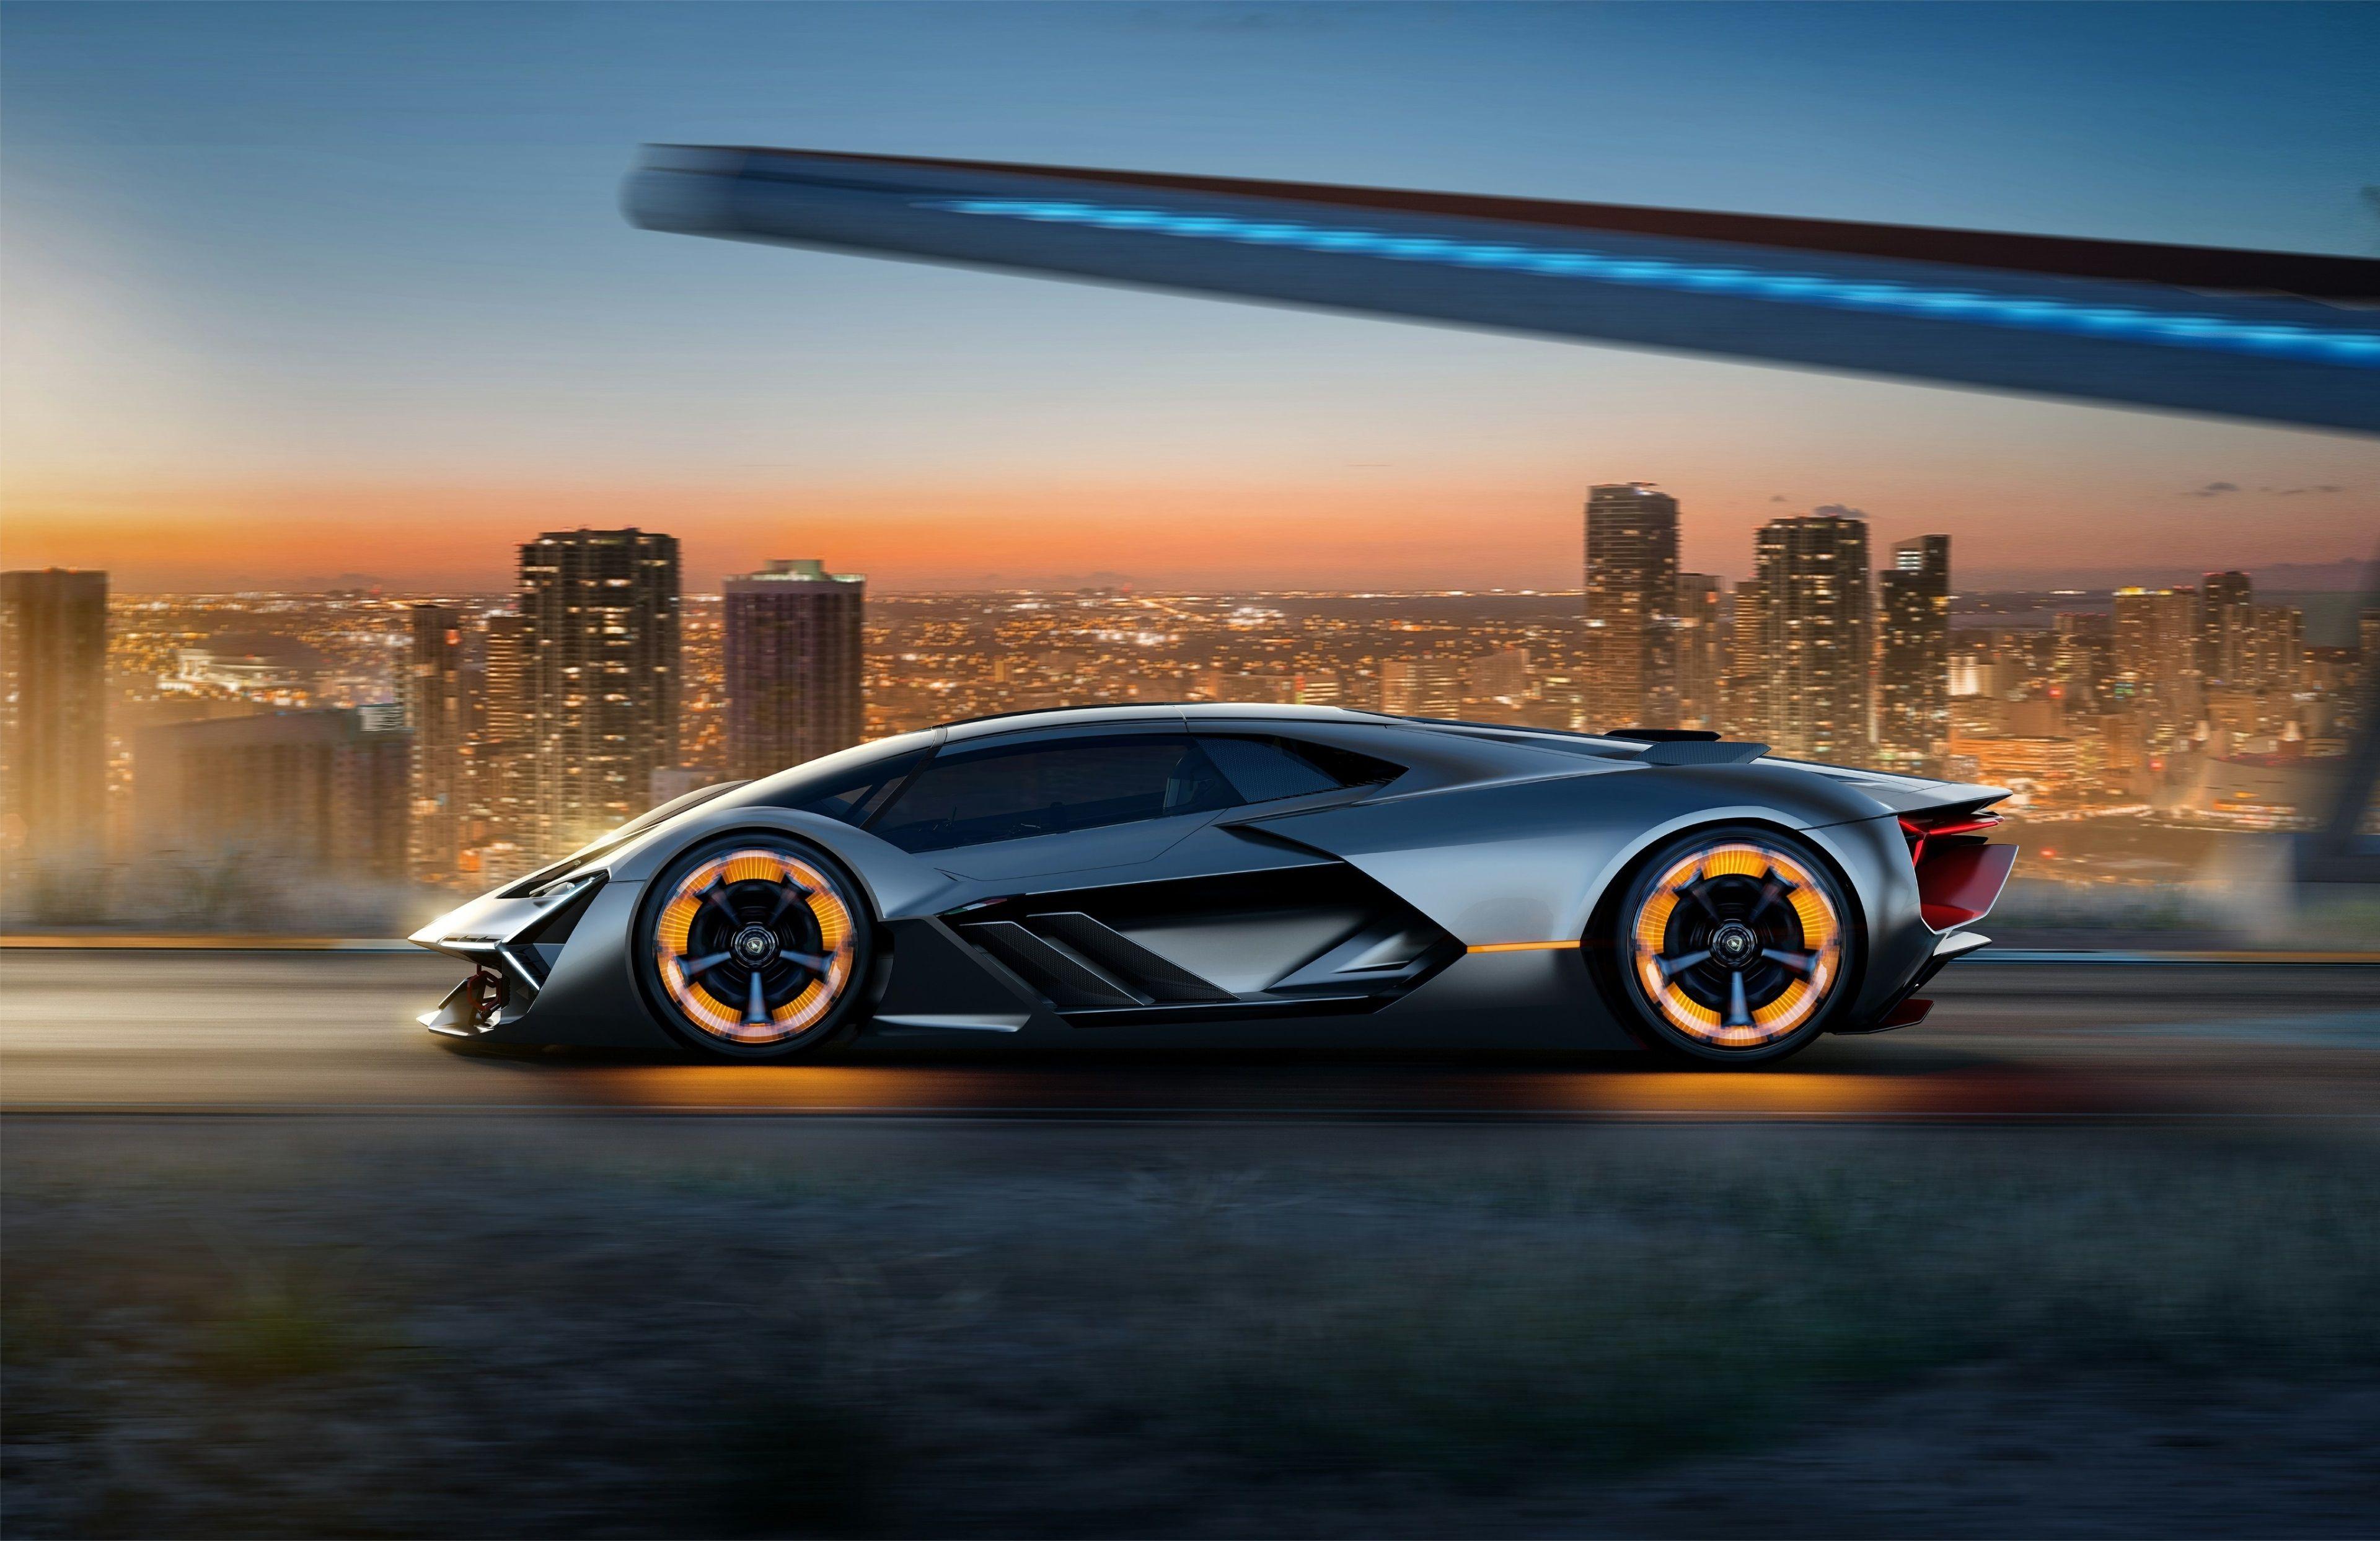 3840x2487 Lamborghini Terzo Millennio 4k Hd Wallpaper Lamborghini Supercar Concept Cars